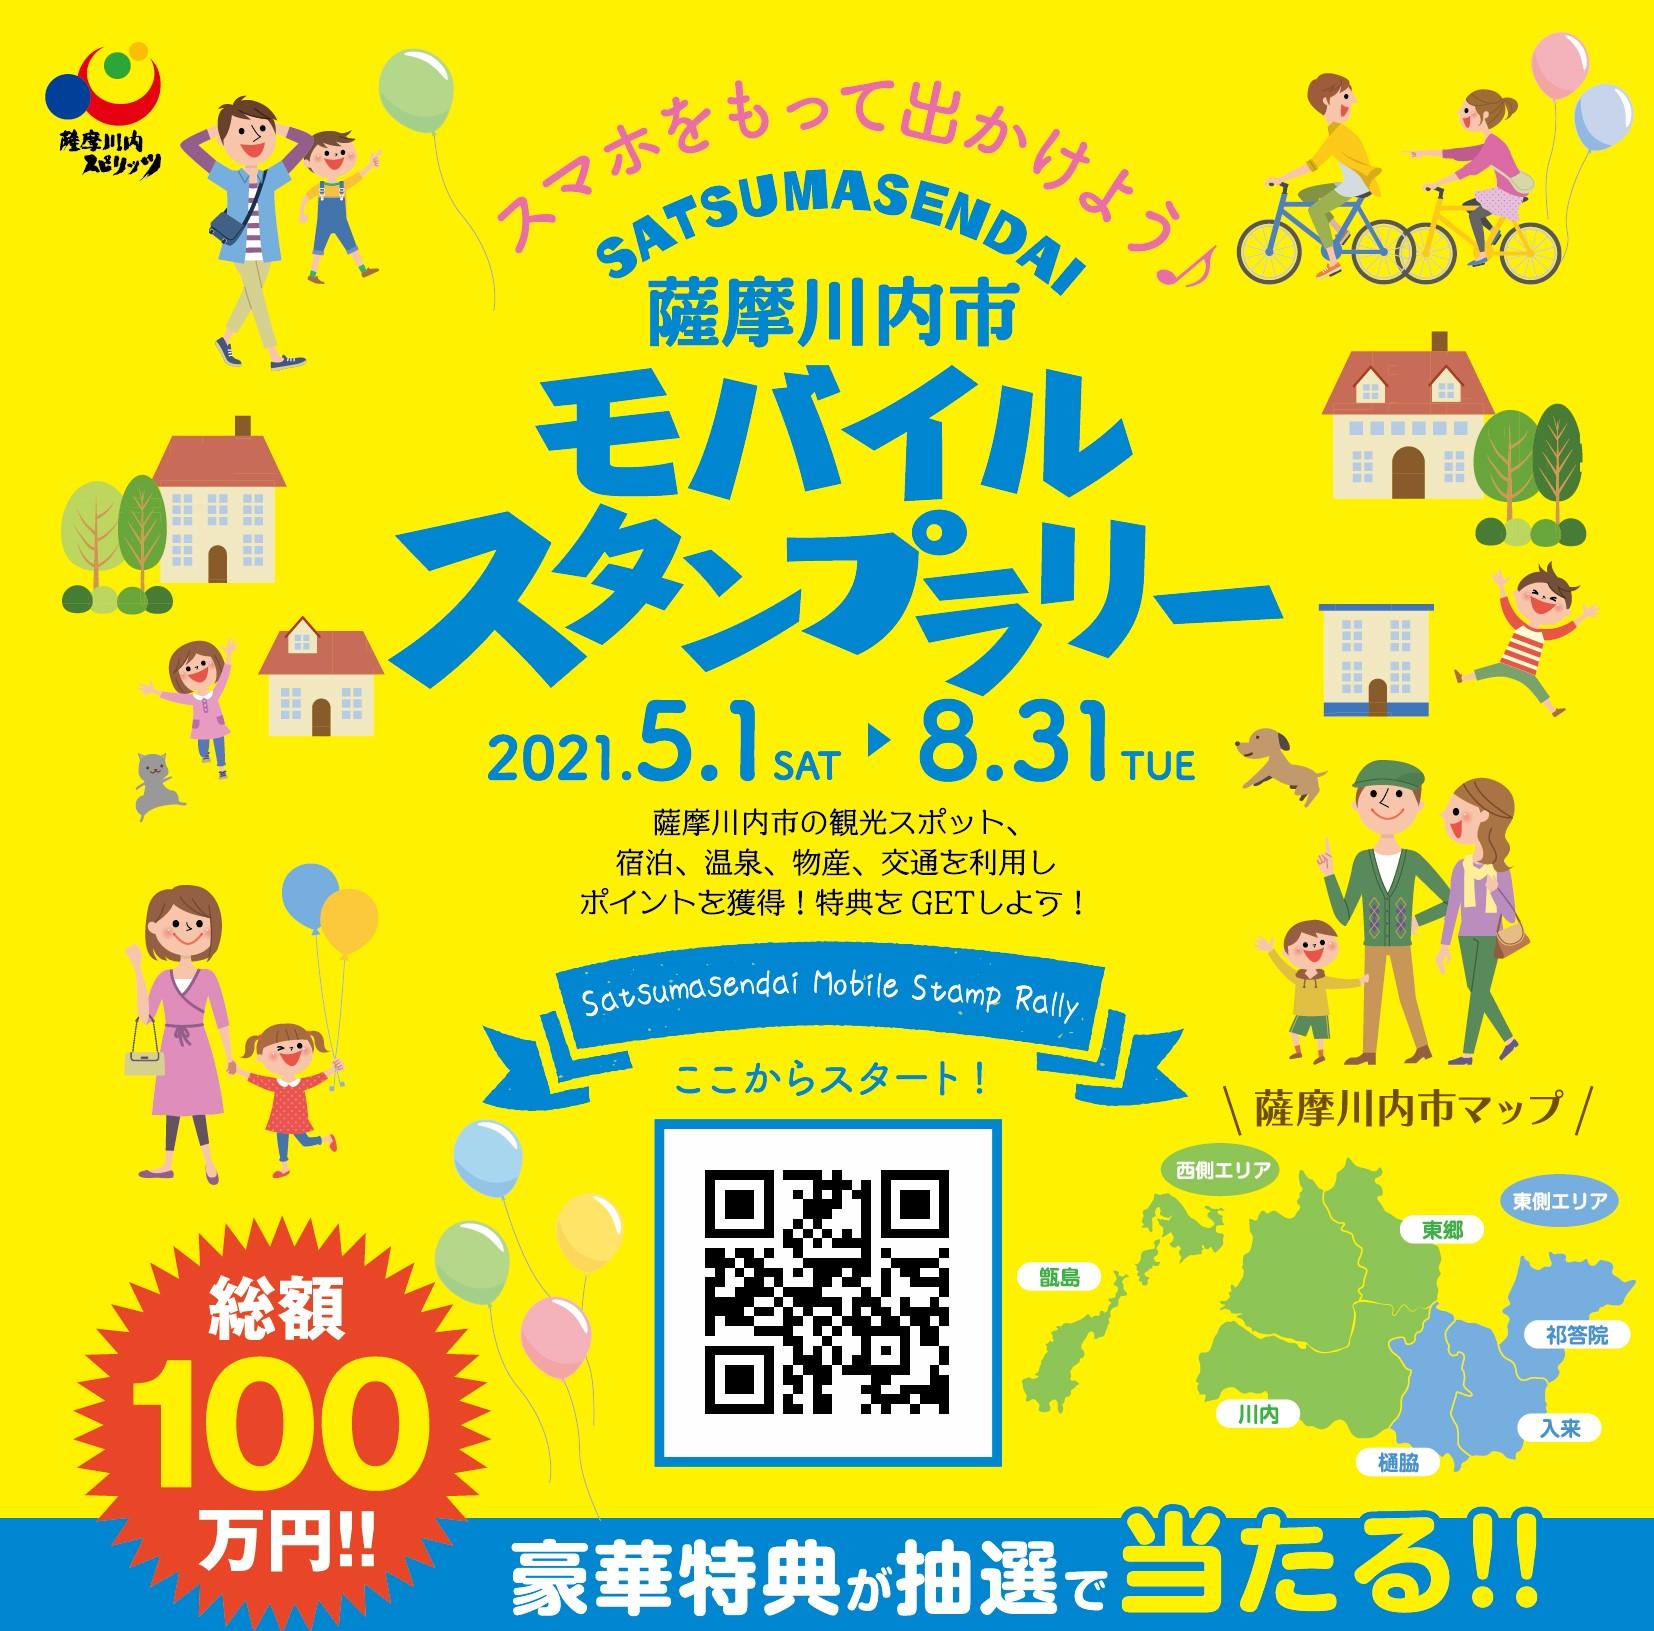 薩摩川内市モバイルスタンプラリー開催!